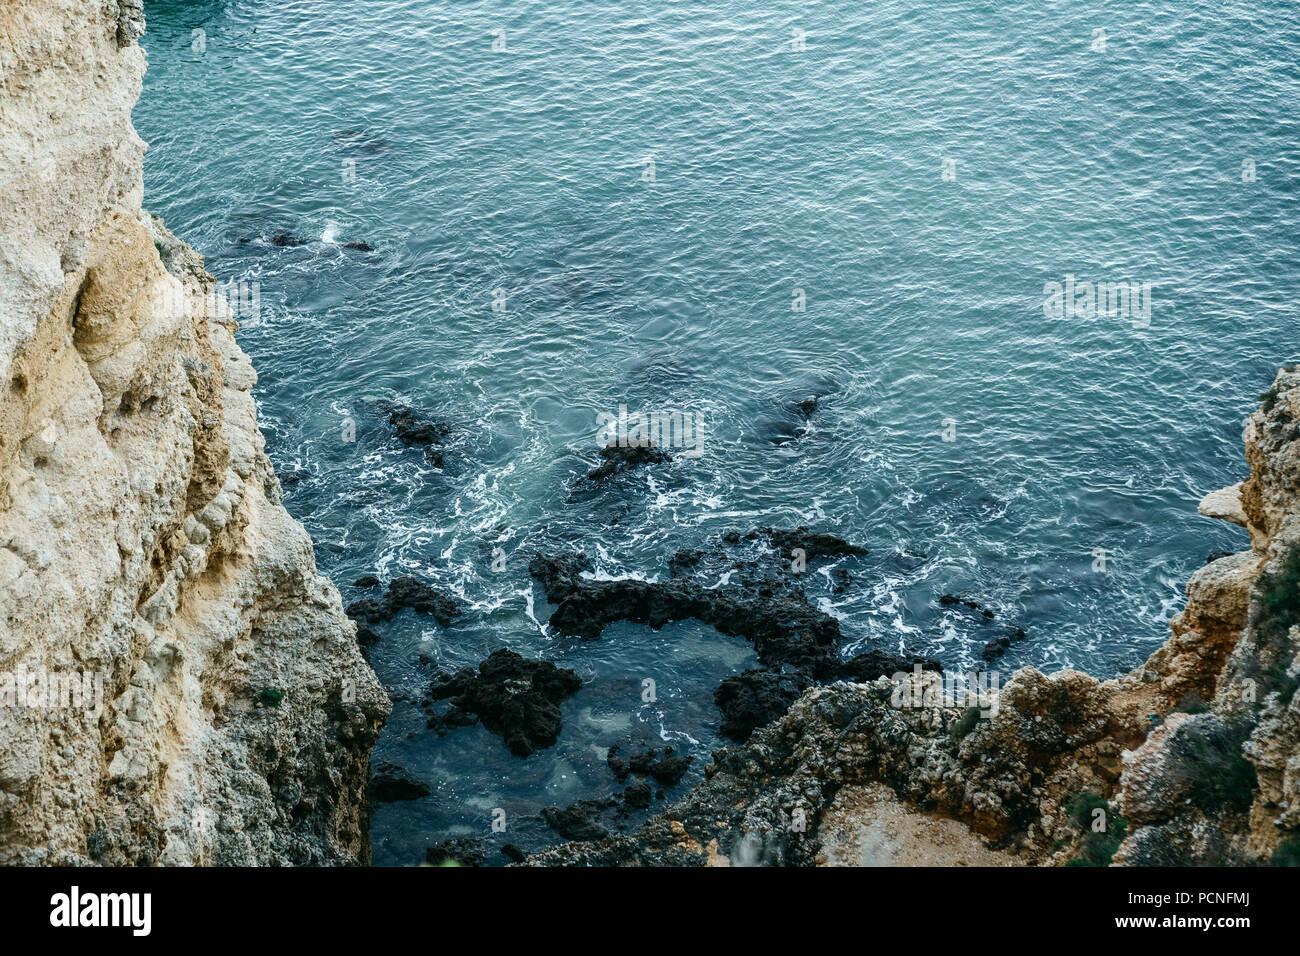 Belle vue sur l'océan Atlantique et les rochers au large de la côte du Portugal. Incroyable paysage naturel. Banque D'Images